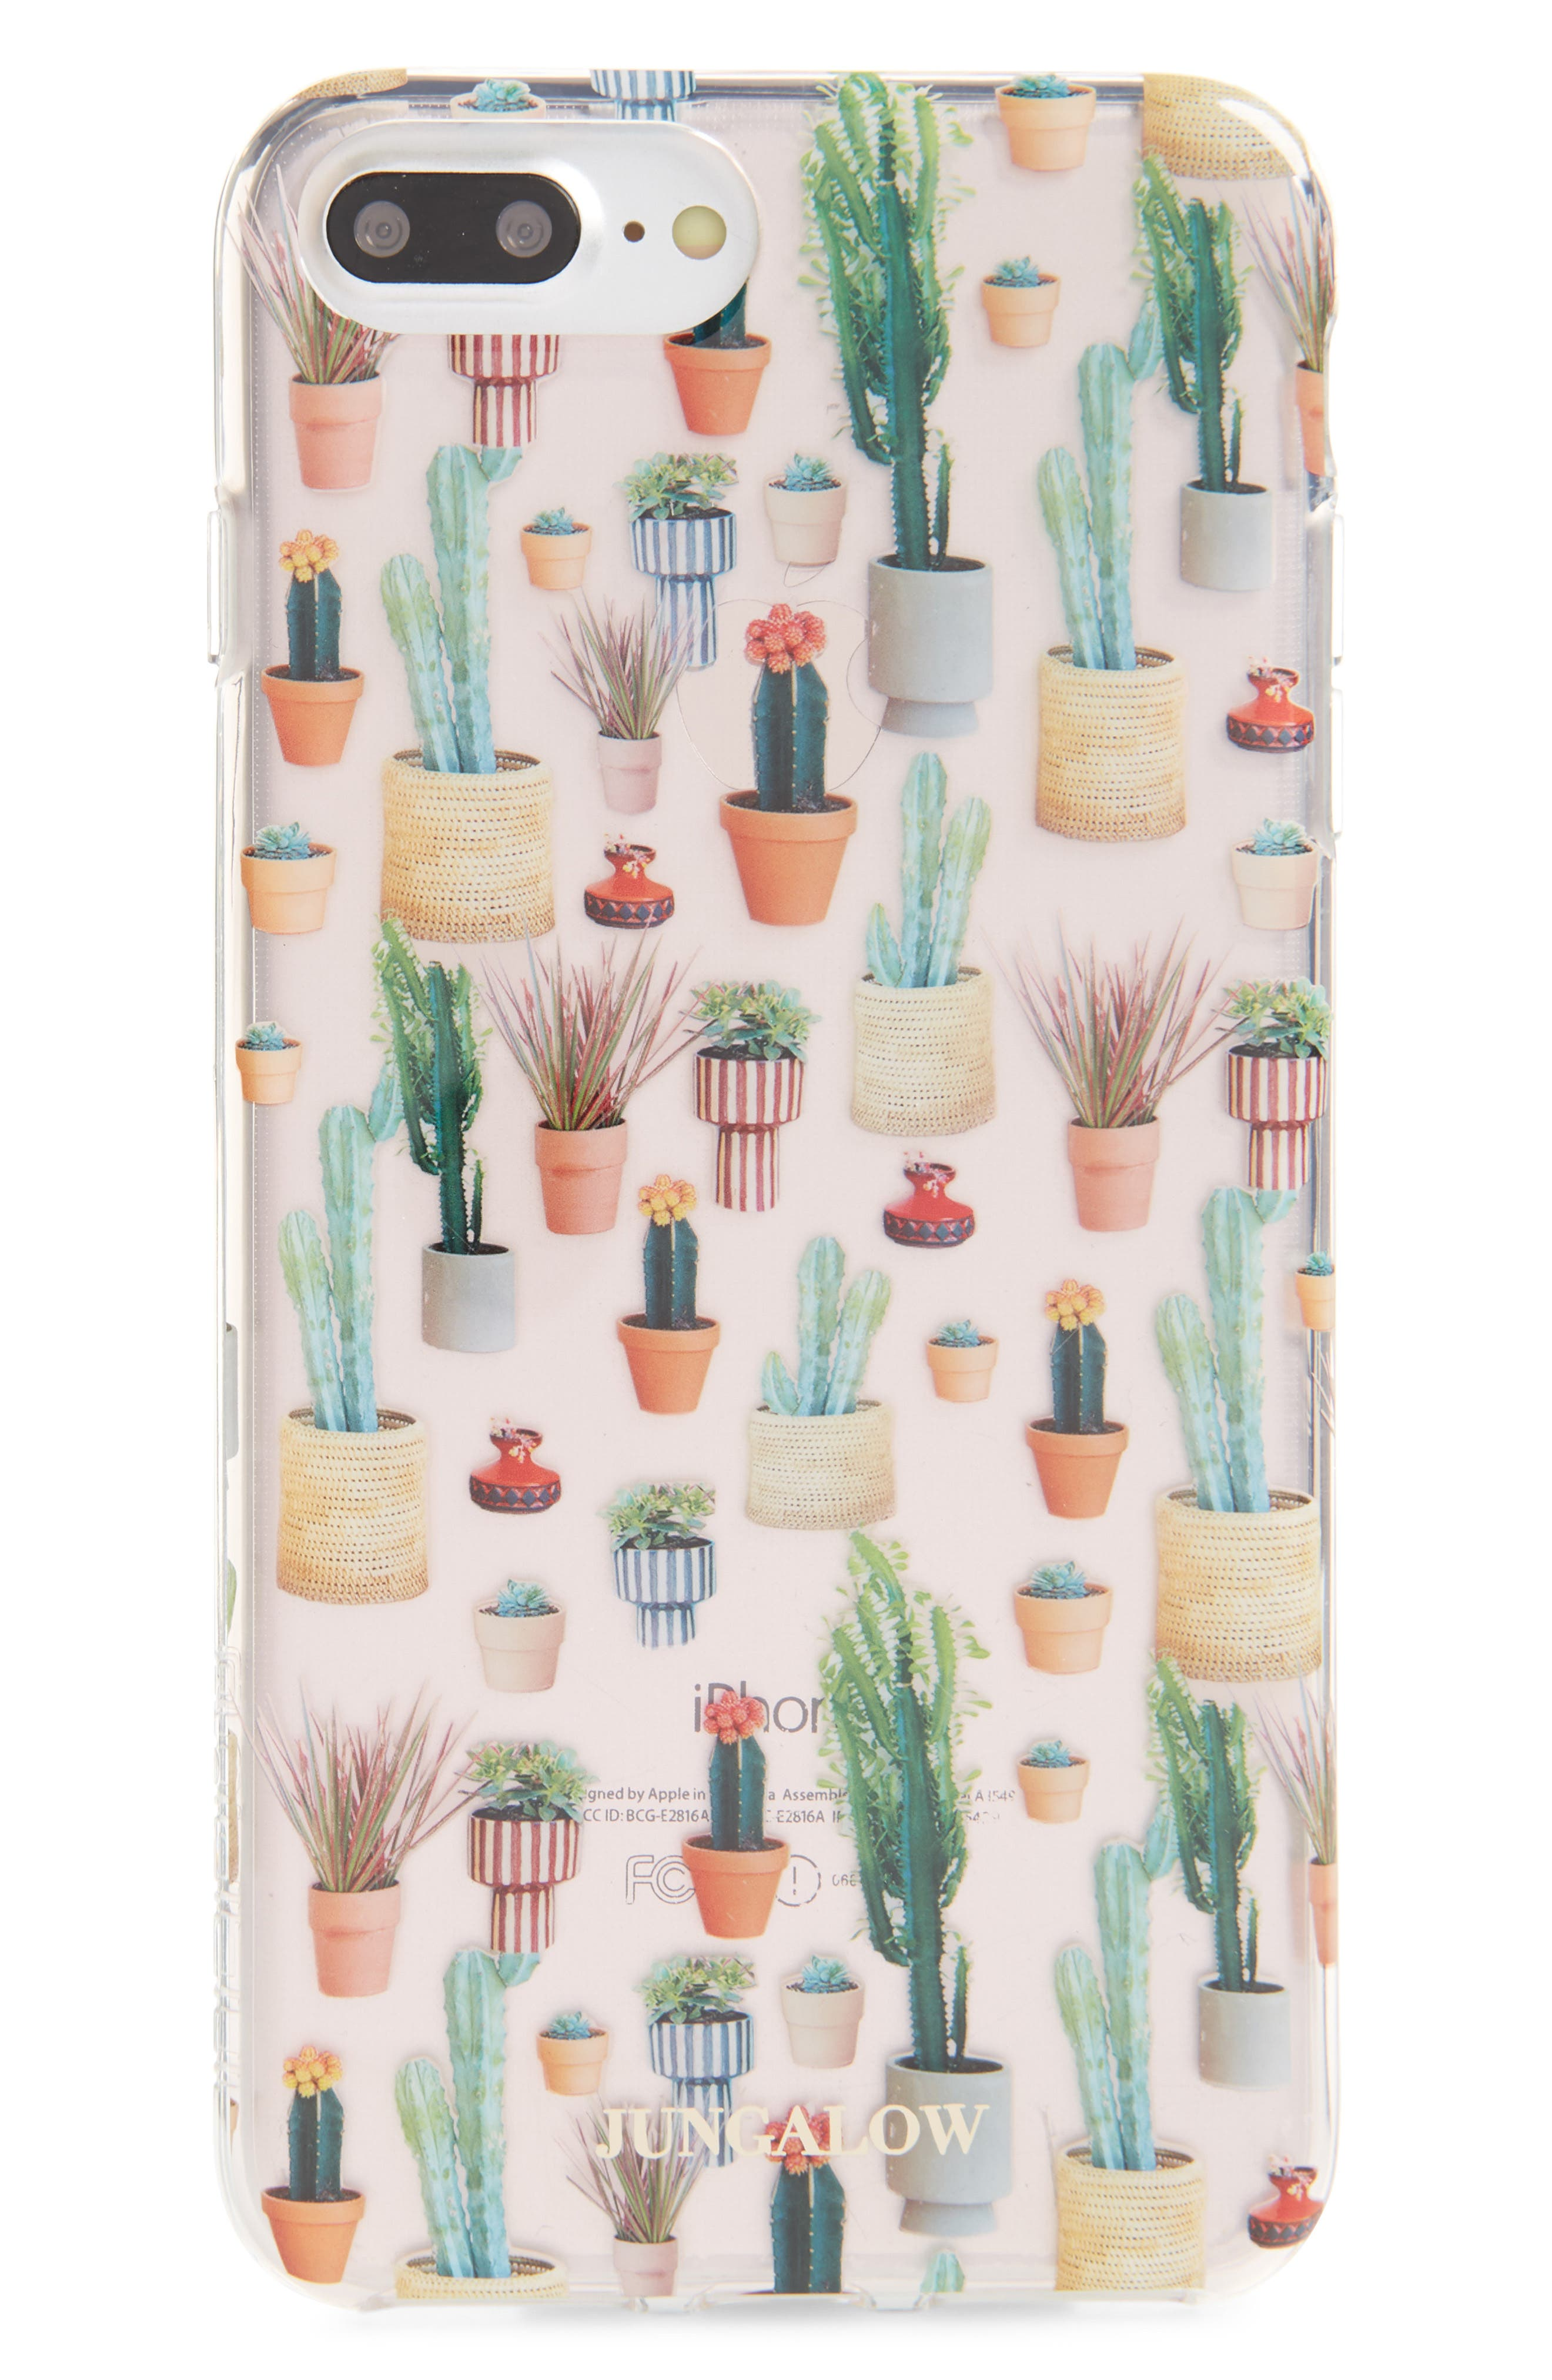 Jungalow Potted Plant iPhone 7/8 & 7/8 Plus Case,                             Main thumbnail 1, color,                             Clear Multi